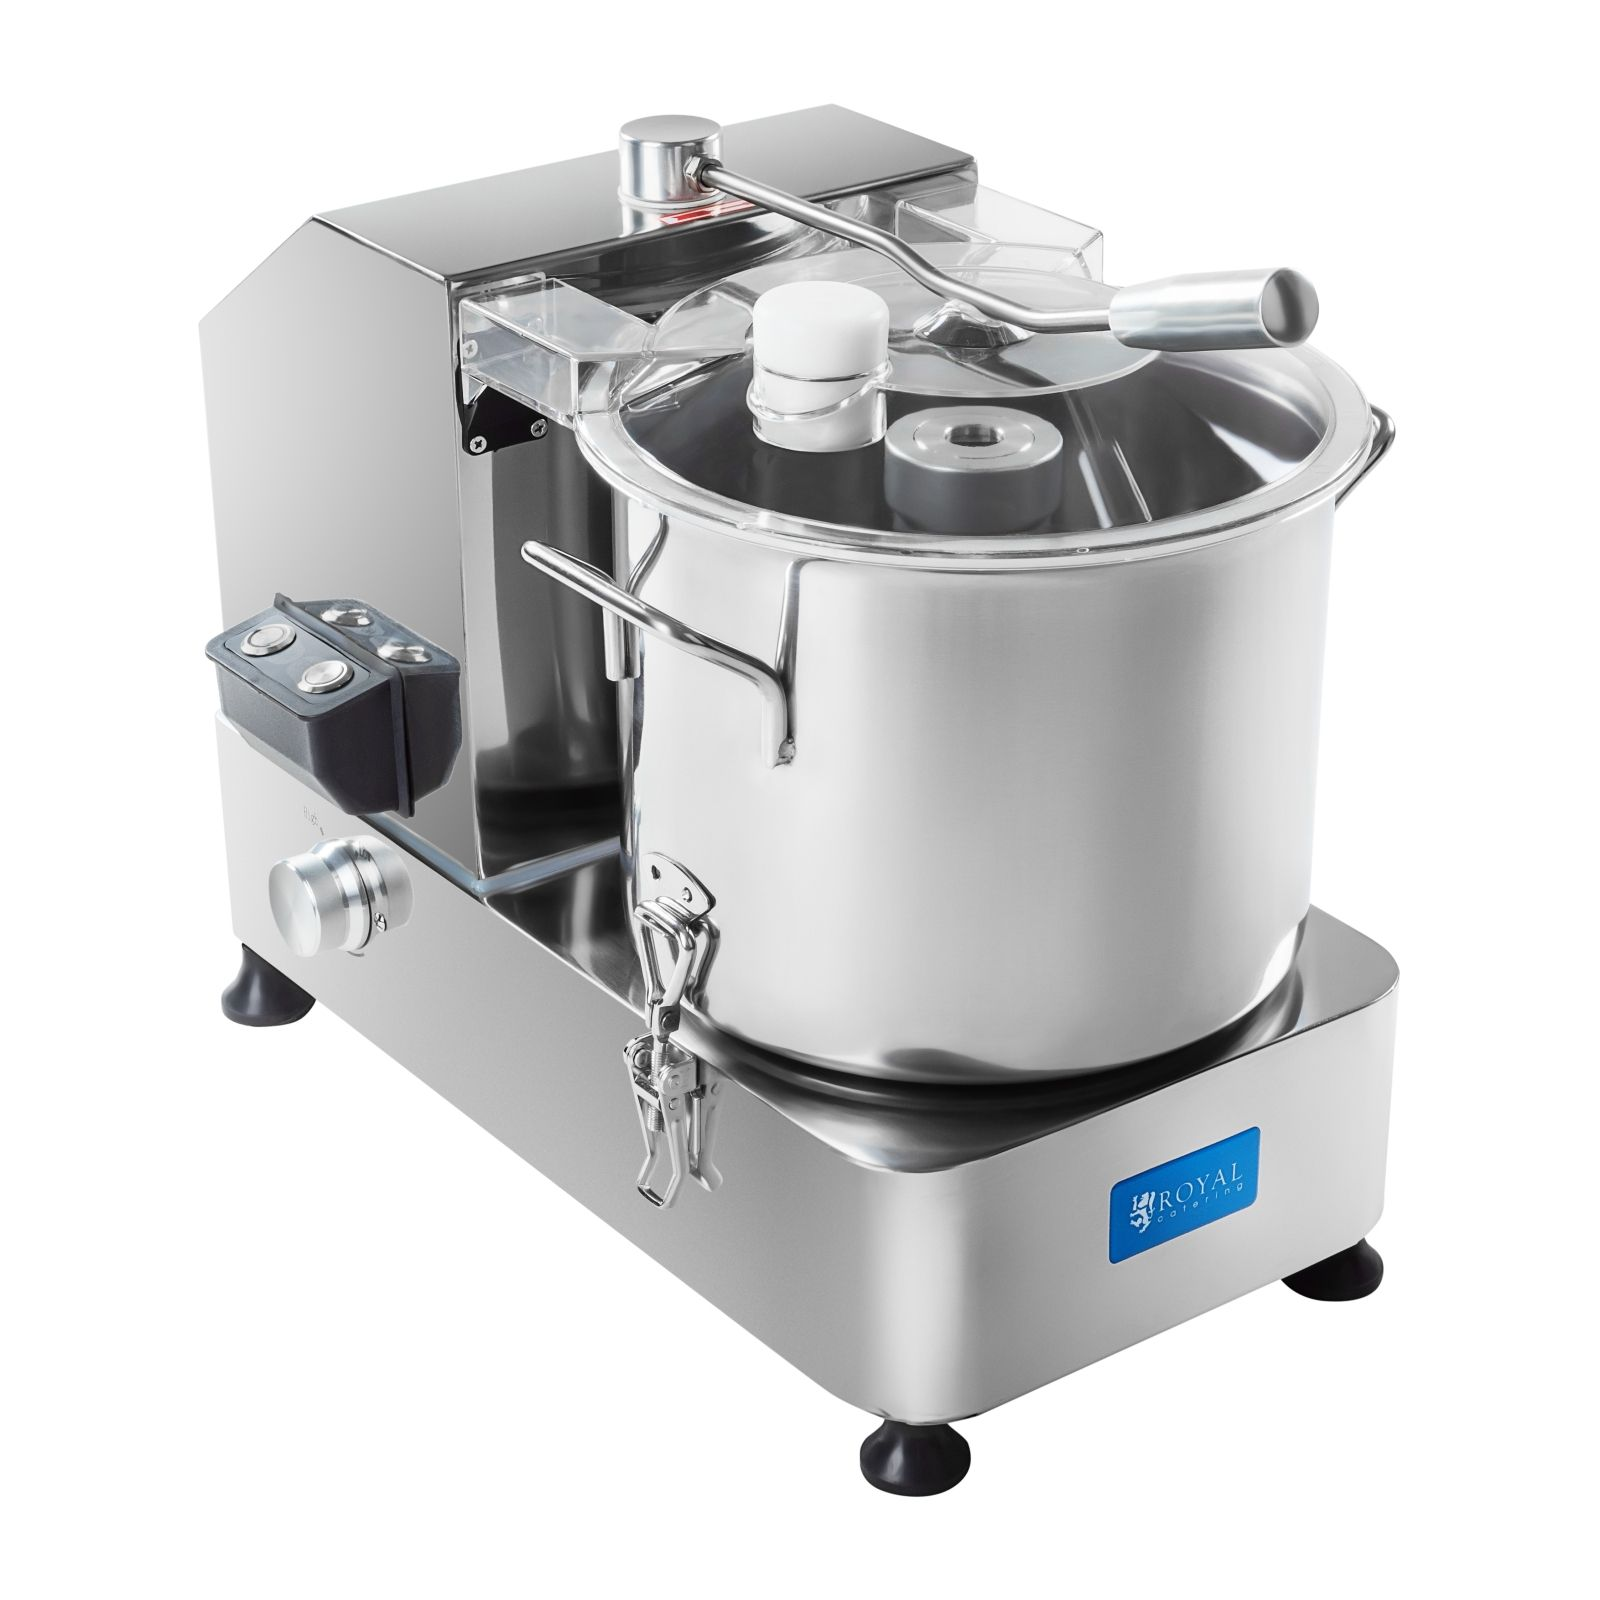 Mixer Da Cucina - Idee Per La Casa - Douglasfalls.com